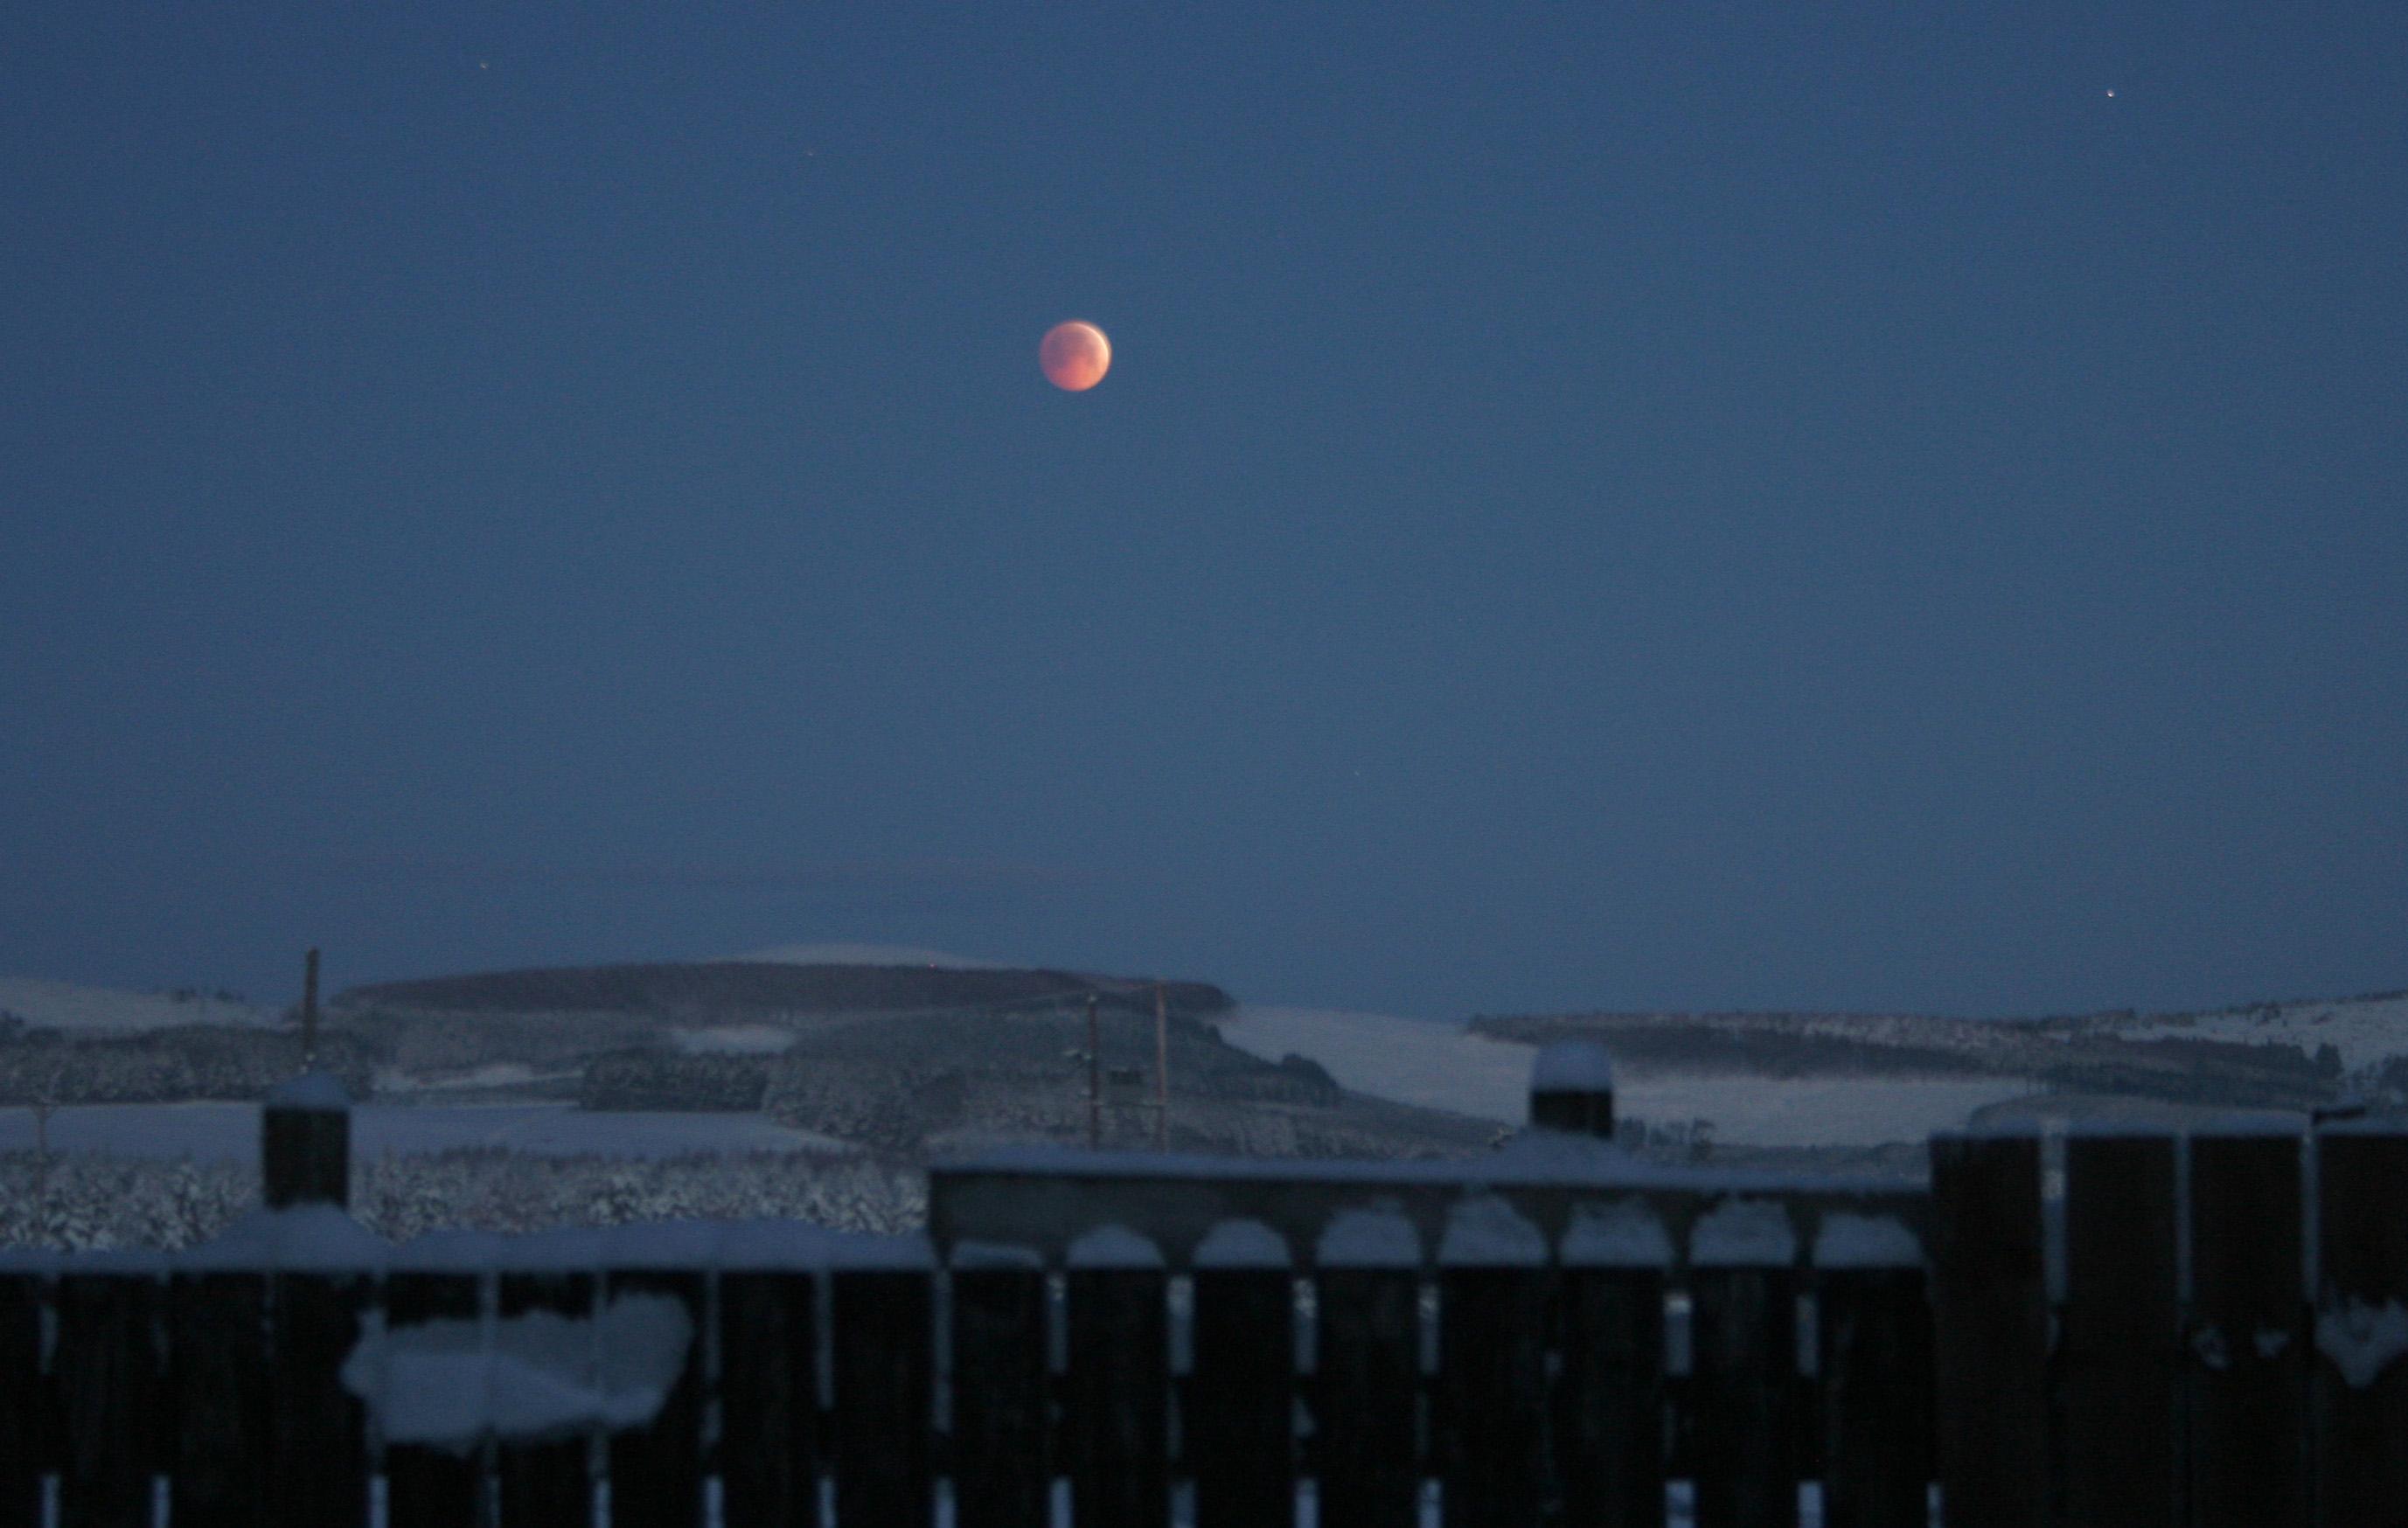 Sauchen Lunar Eclipse